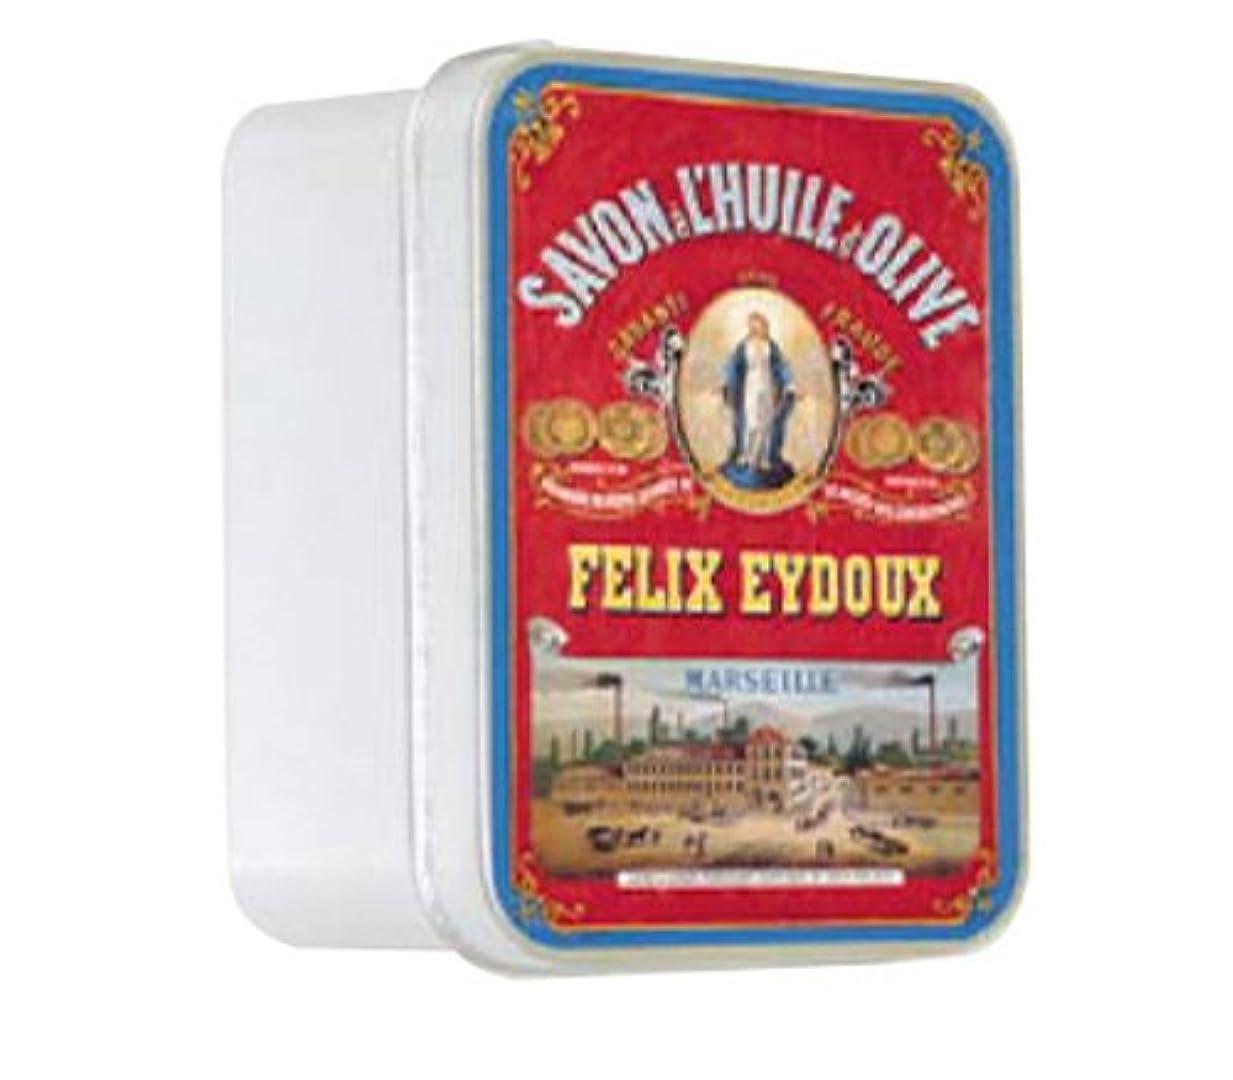 ダイアクリティカル自宅で成り立つルブランソープ メタルボックス(マルセイユソープ?オリーブの香り)石鹸